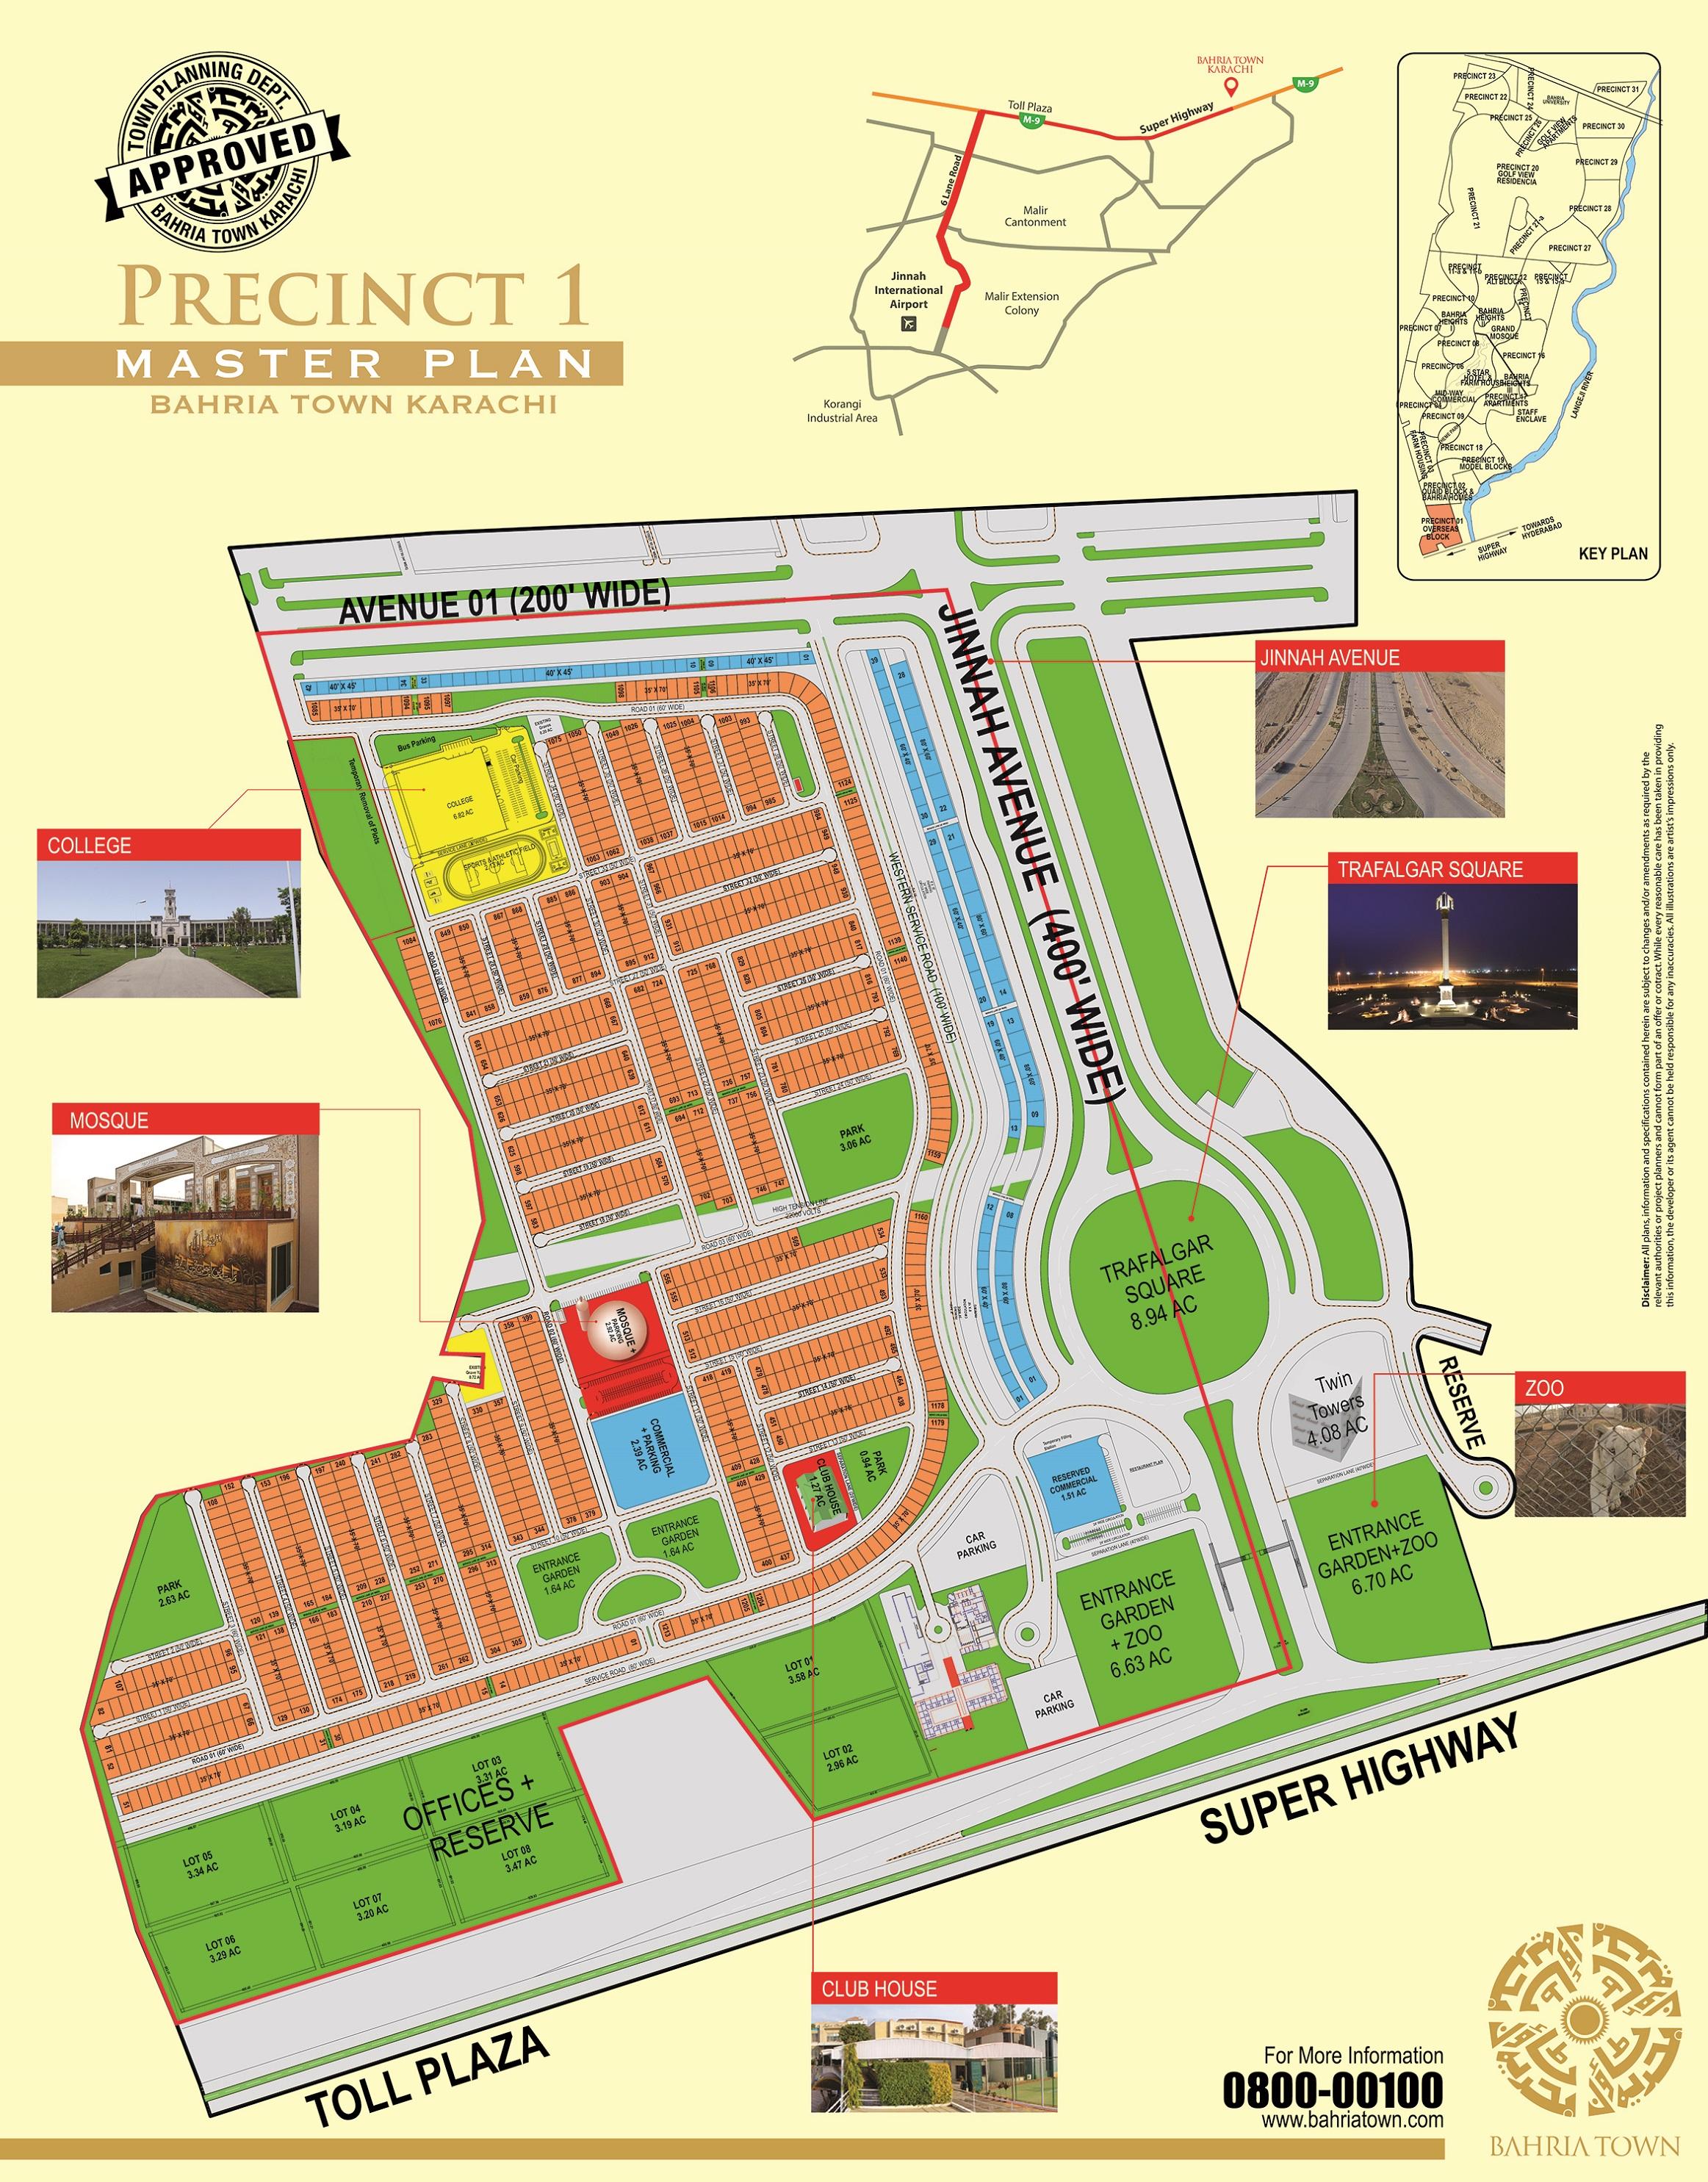 Bahria Town Karachi All Precincts Maps Manahil Estate - All maps